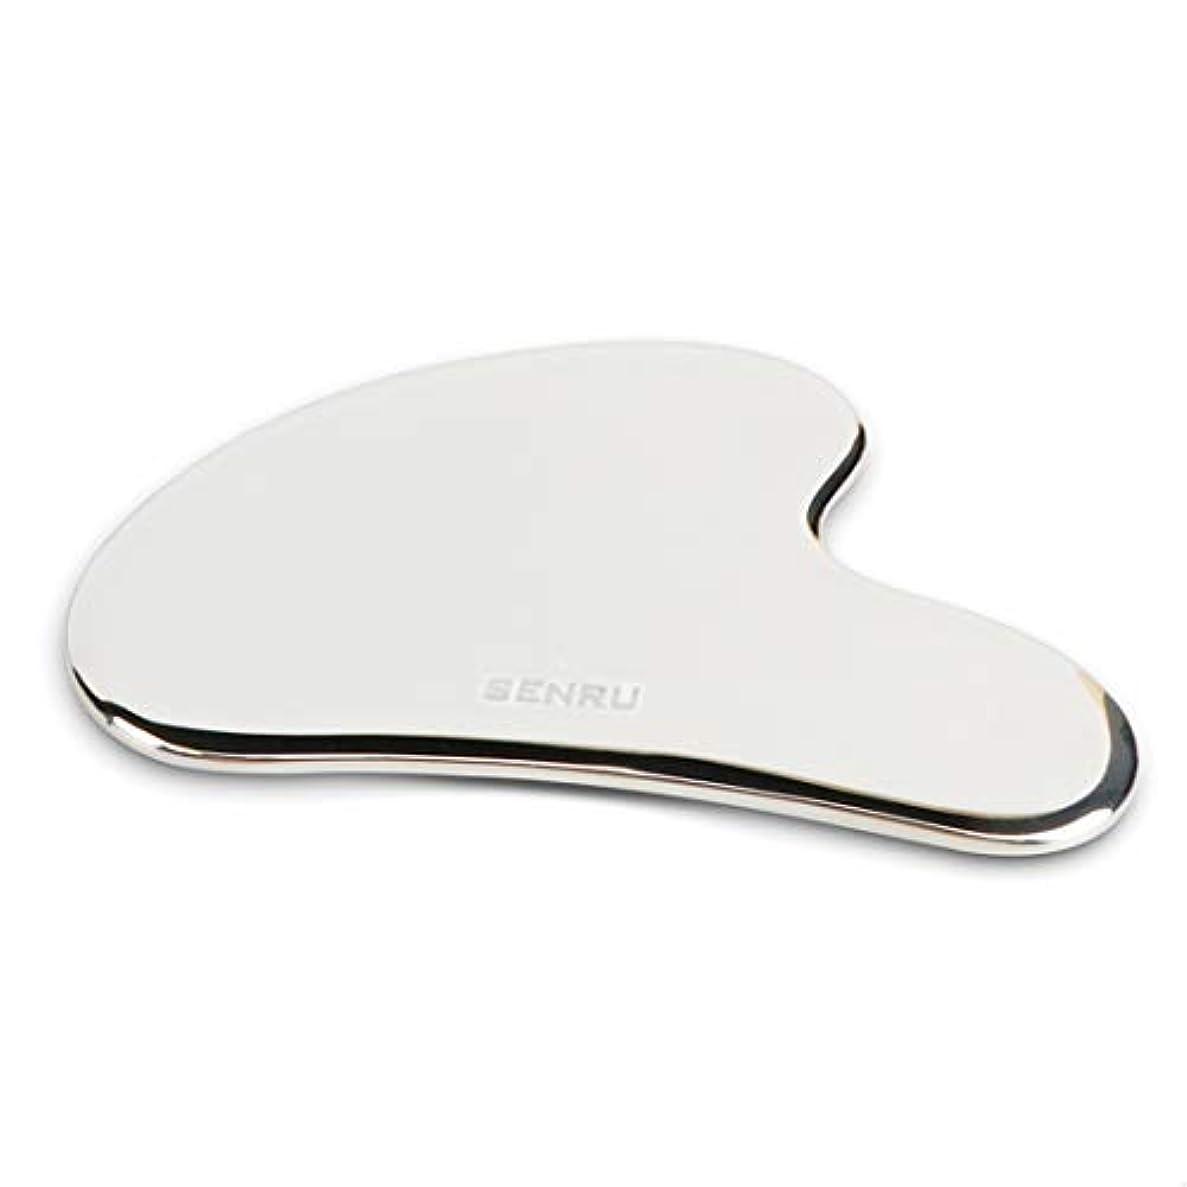 ベスビオ山気をつけて傷つけるステンレスかっさプレート かっさマッサージ 筋膜リリースツール IASTM 顔&体にマッサージ ほうれい線の消すに役立つ 専用Graston物理治療ツール Y型